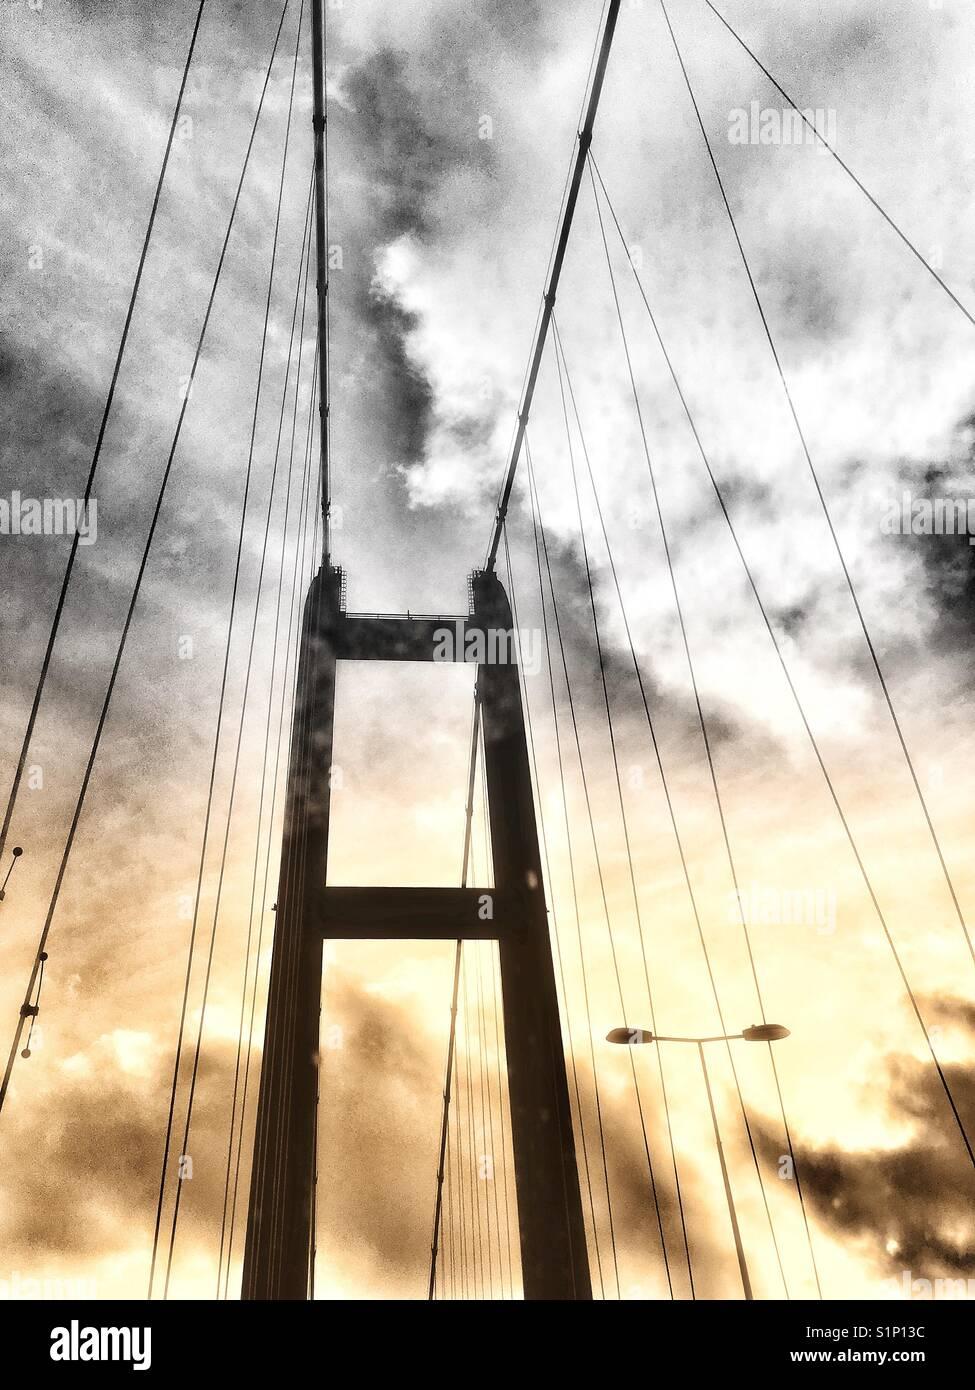 Ton image de Split le Humber bridge pont à travée unique. England UK, low angle de vue graphique Photo Stock